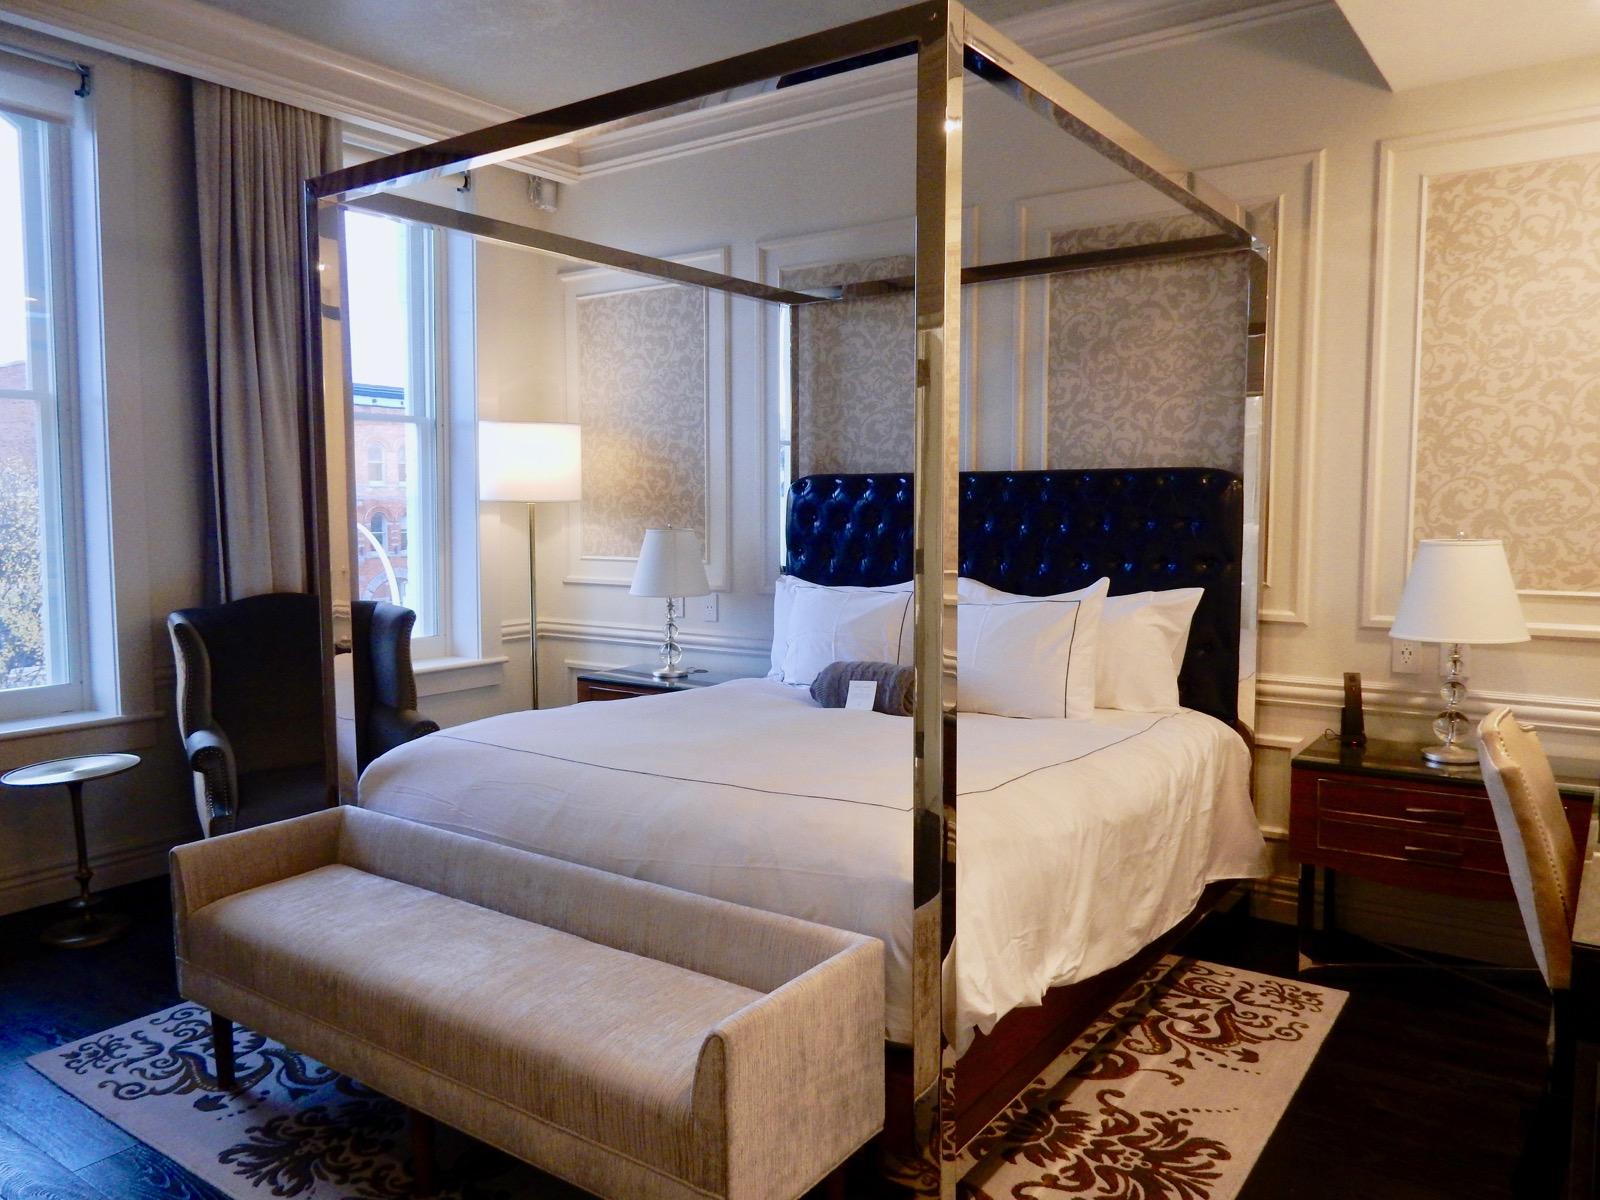 Adelphi Hotel Saratoga Springs Ny Historic Chic